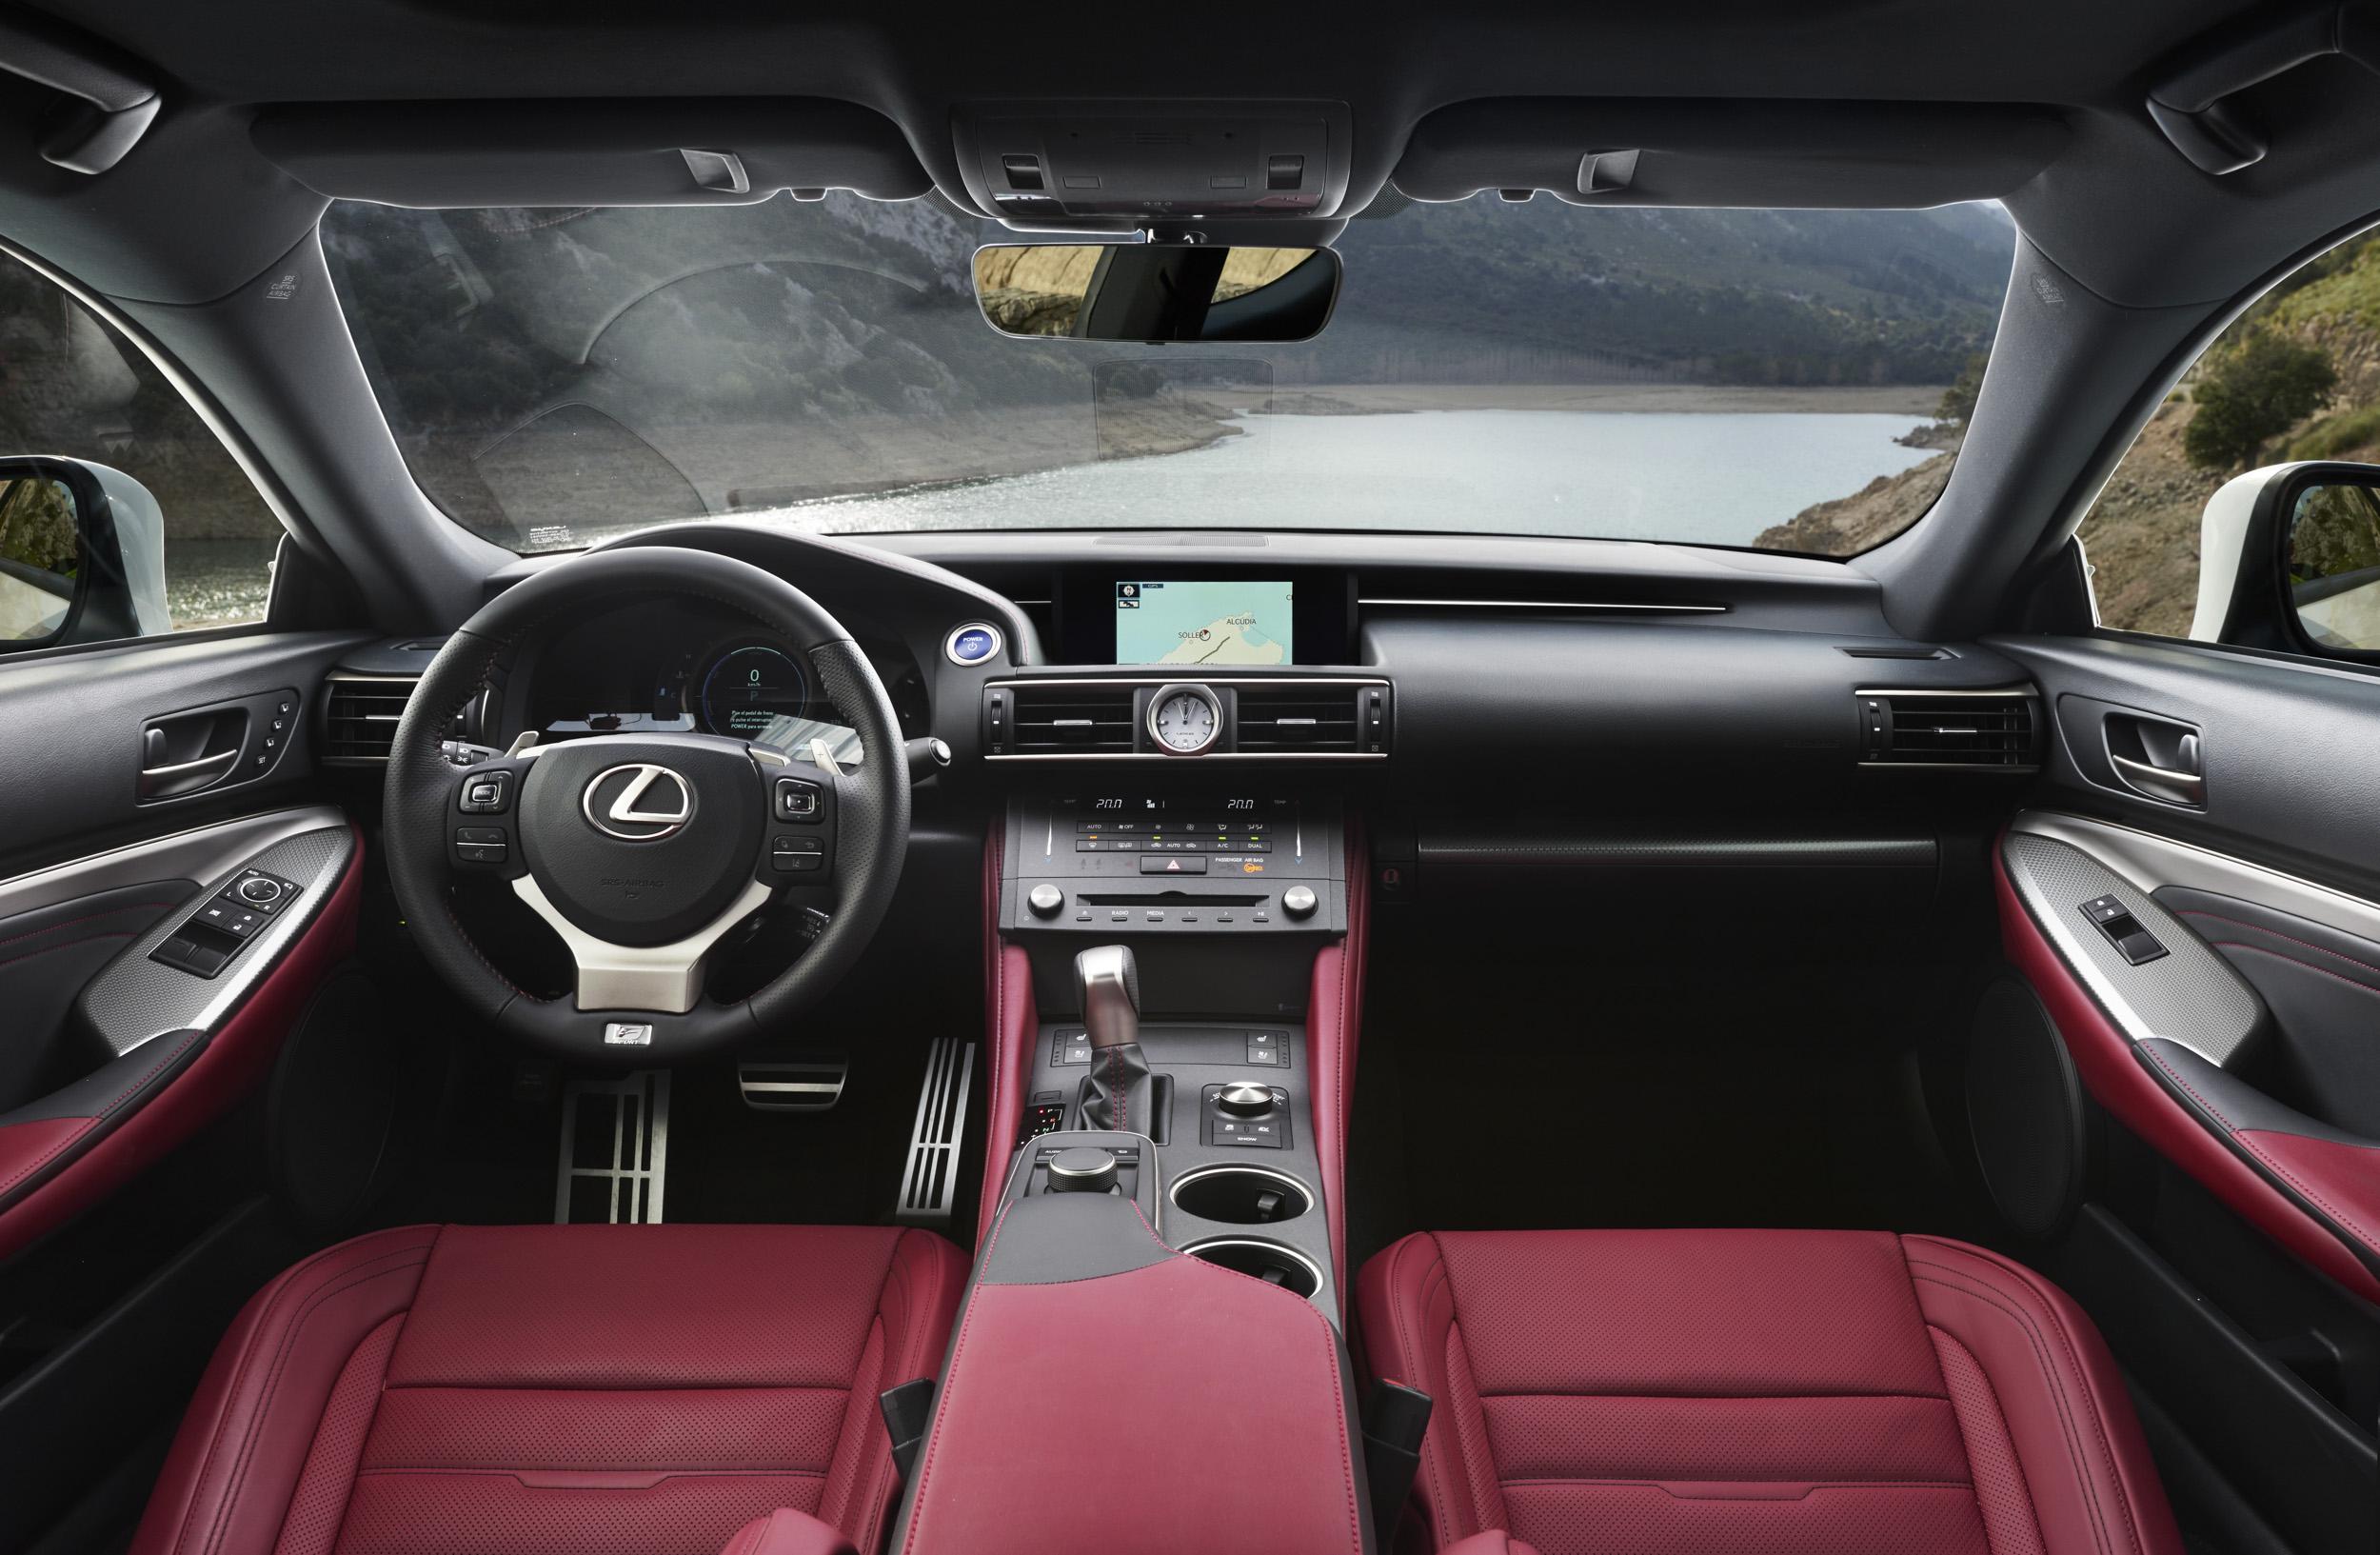 https://www.whatcar.lv/cars/Lexus/RC/920dc4a041bab0711ff313d6e404b539.jpg